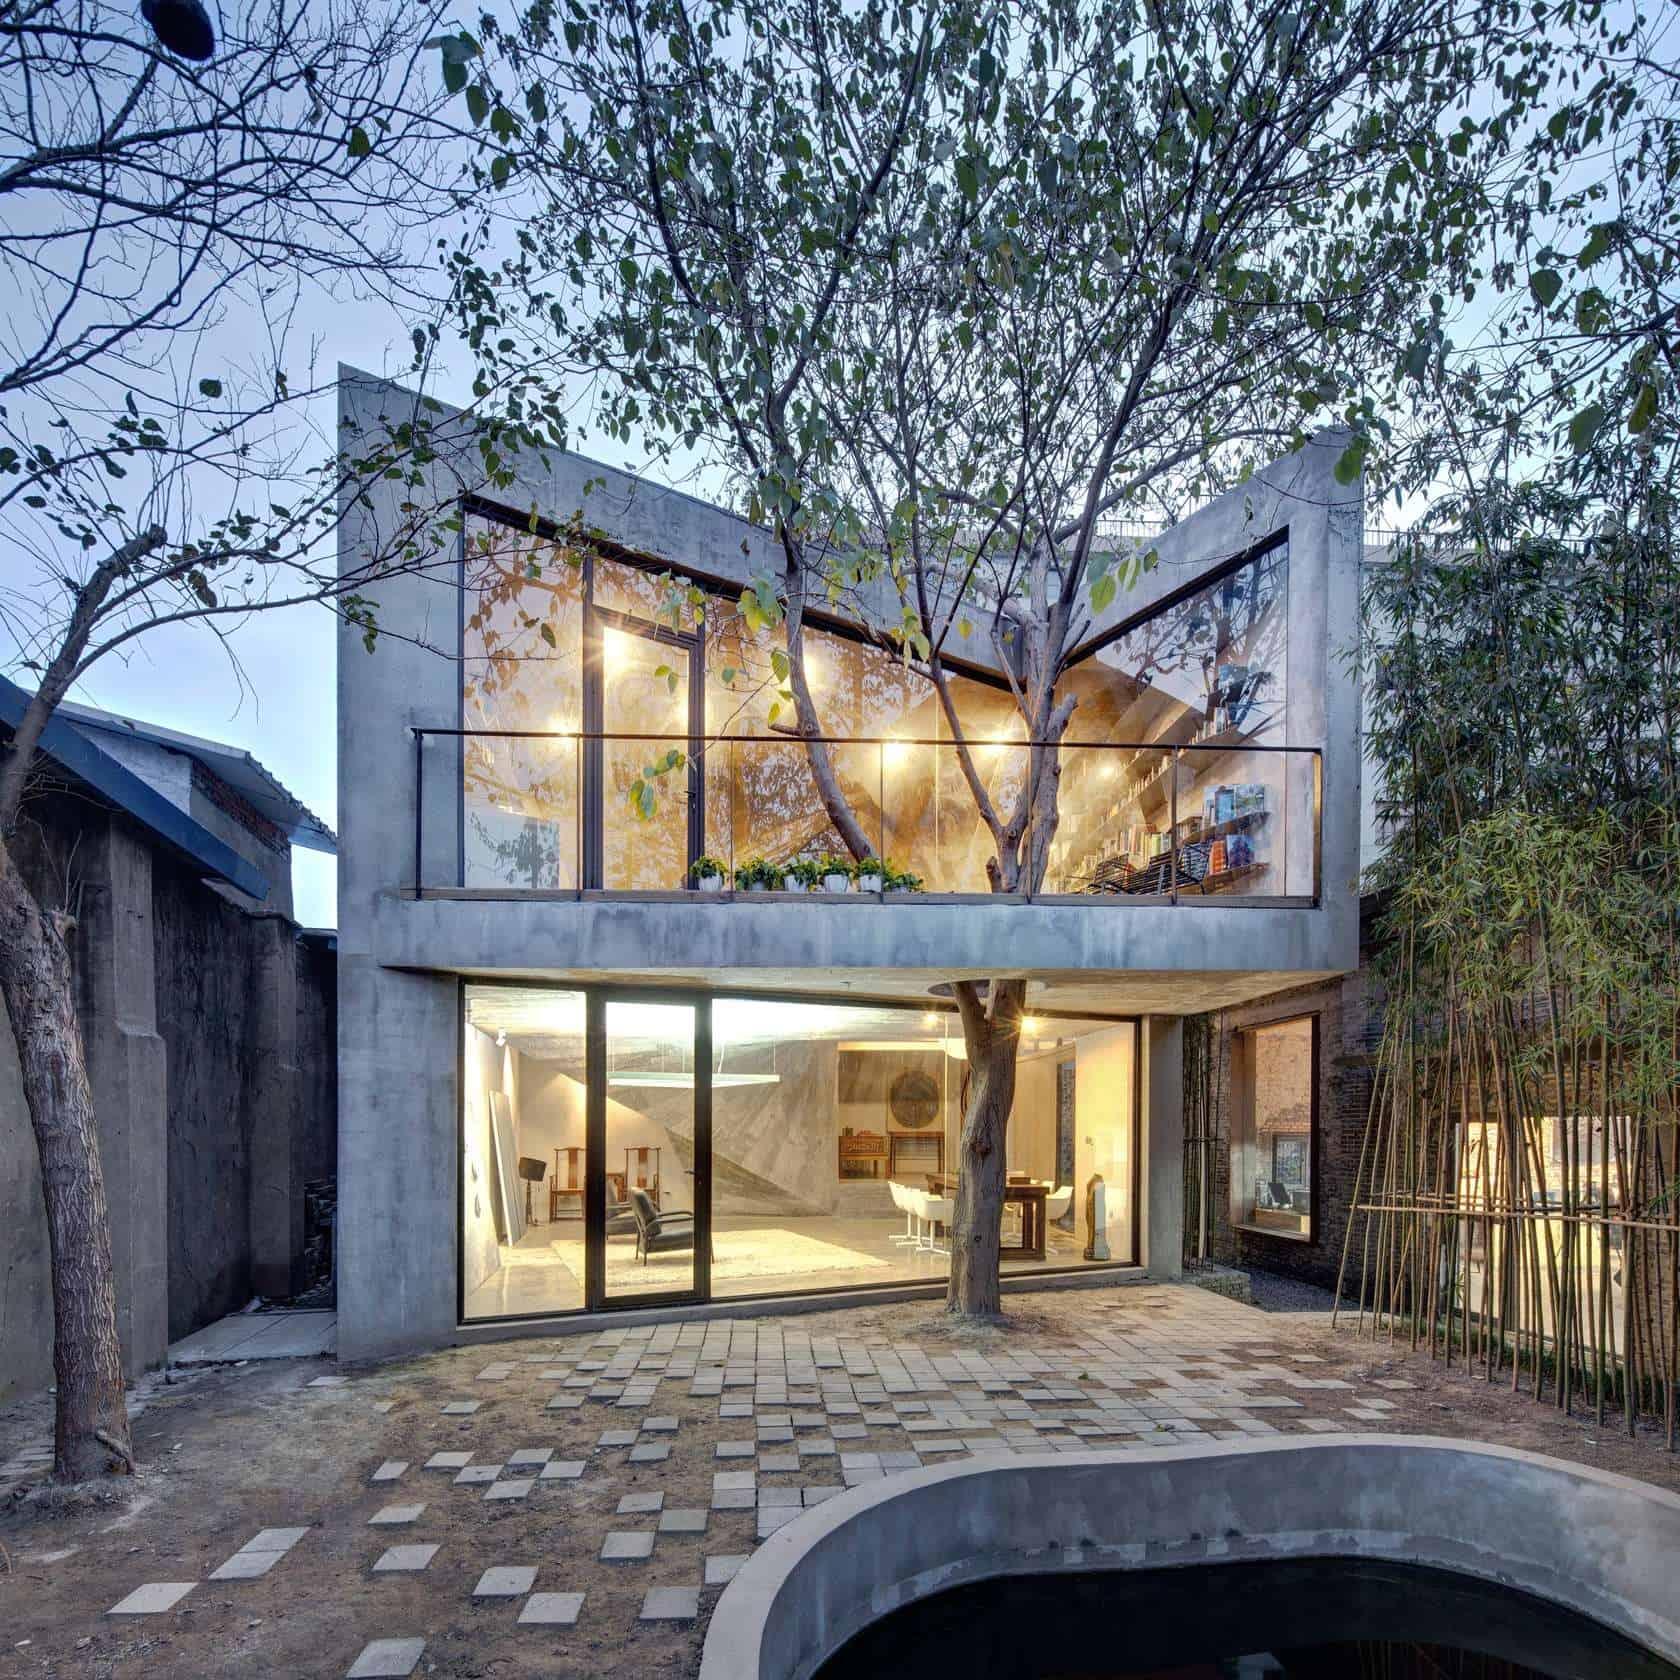 12 домов, построенных вокруг деревьев.